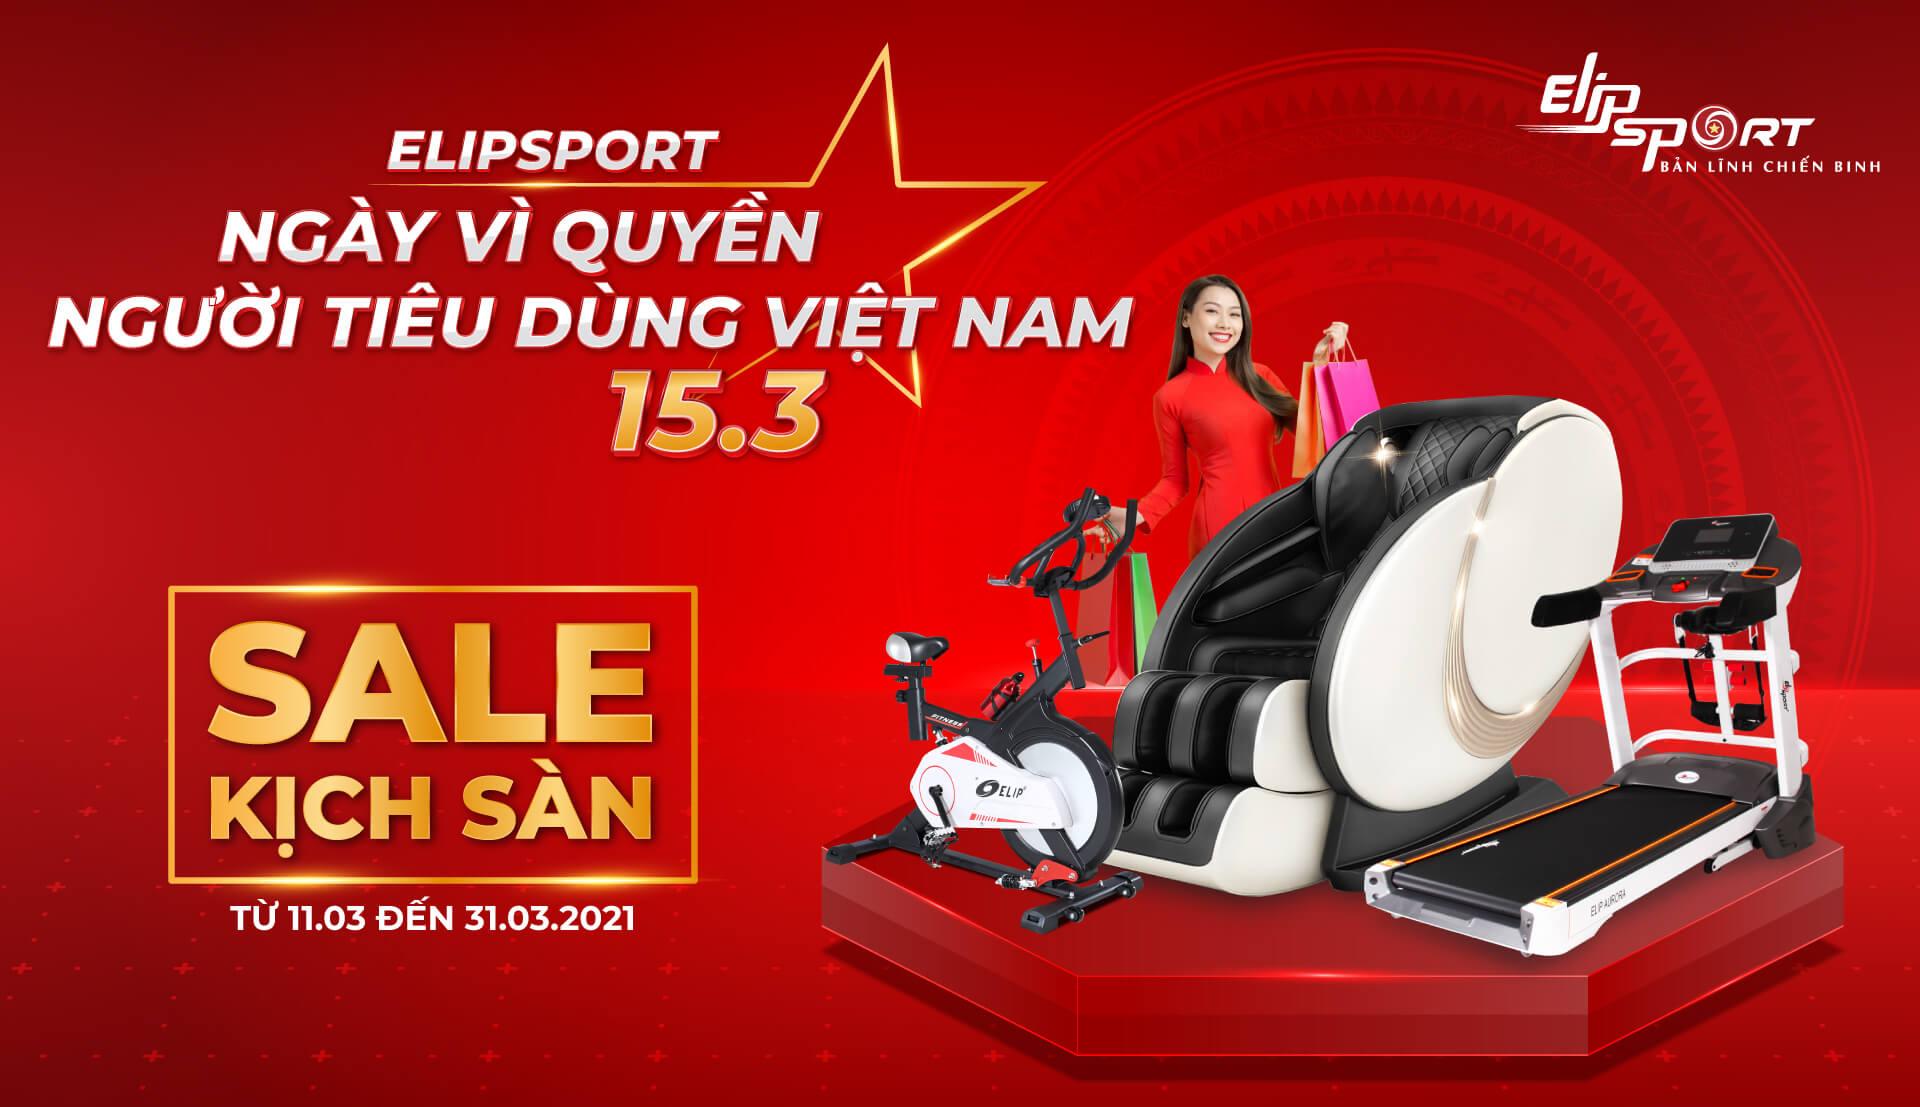 Ngày vì quyền tiêu dùng Việt Nam